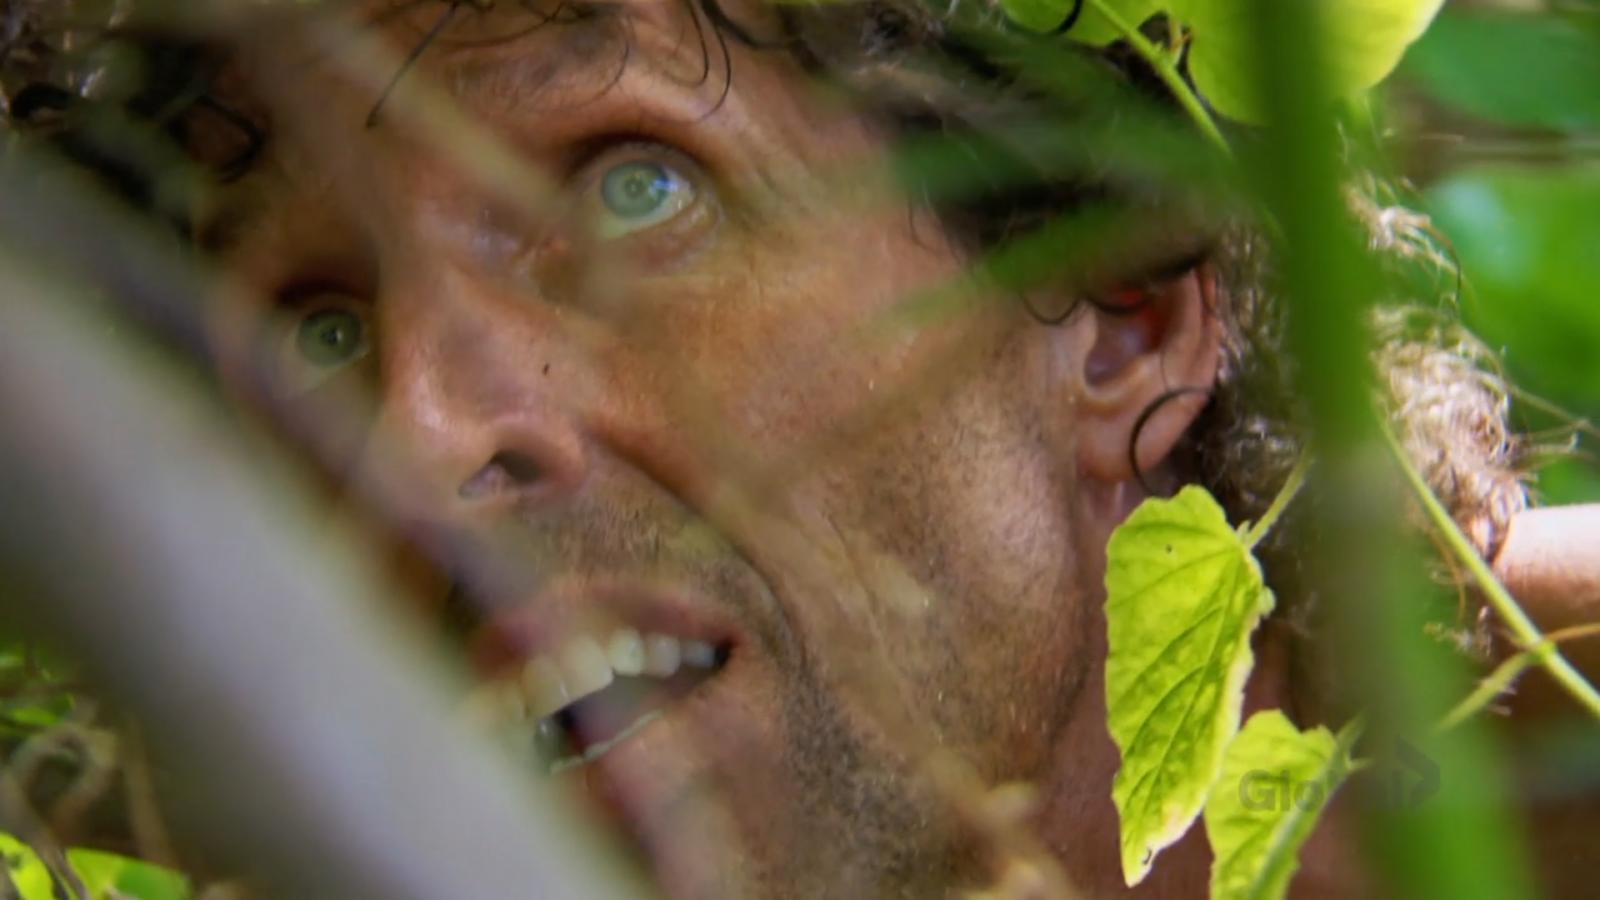 Brad hiding in bush on Survivor 41